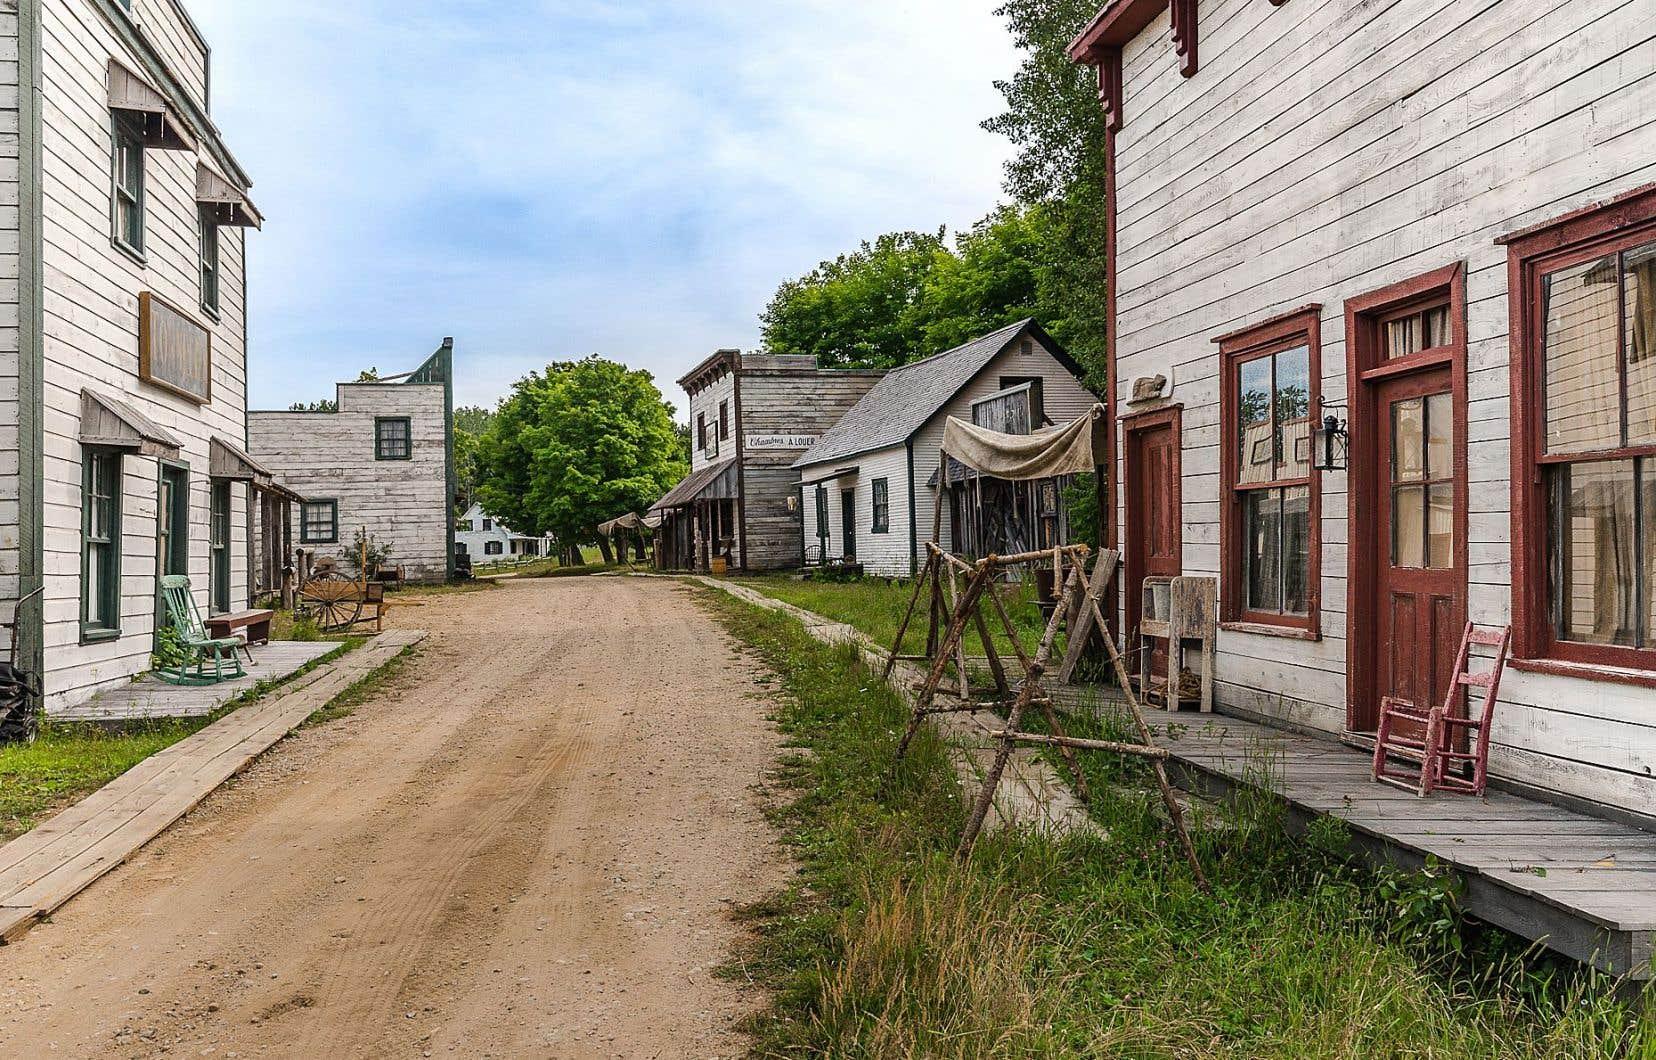 De nombreux films et téléséries ont été tournés dans ce village qui fut longtemps ouvert au public.